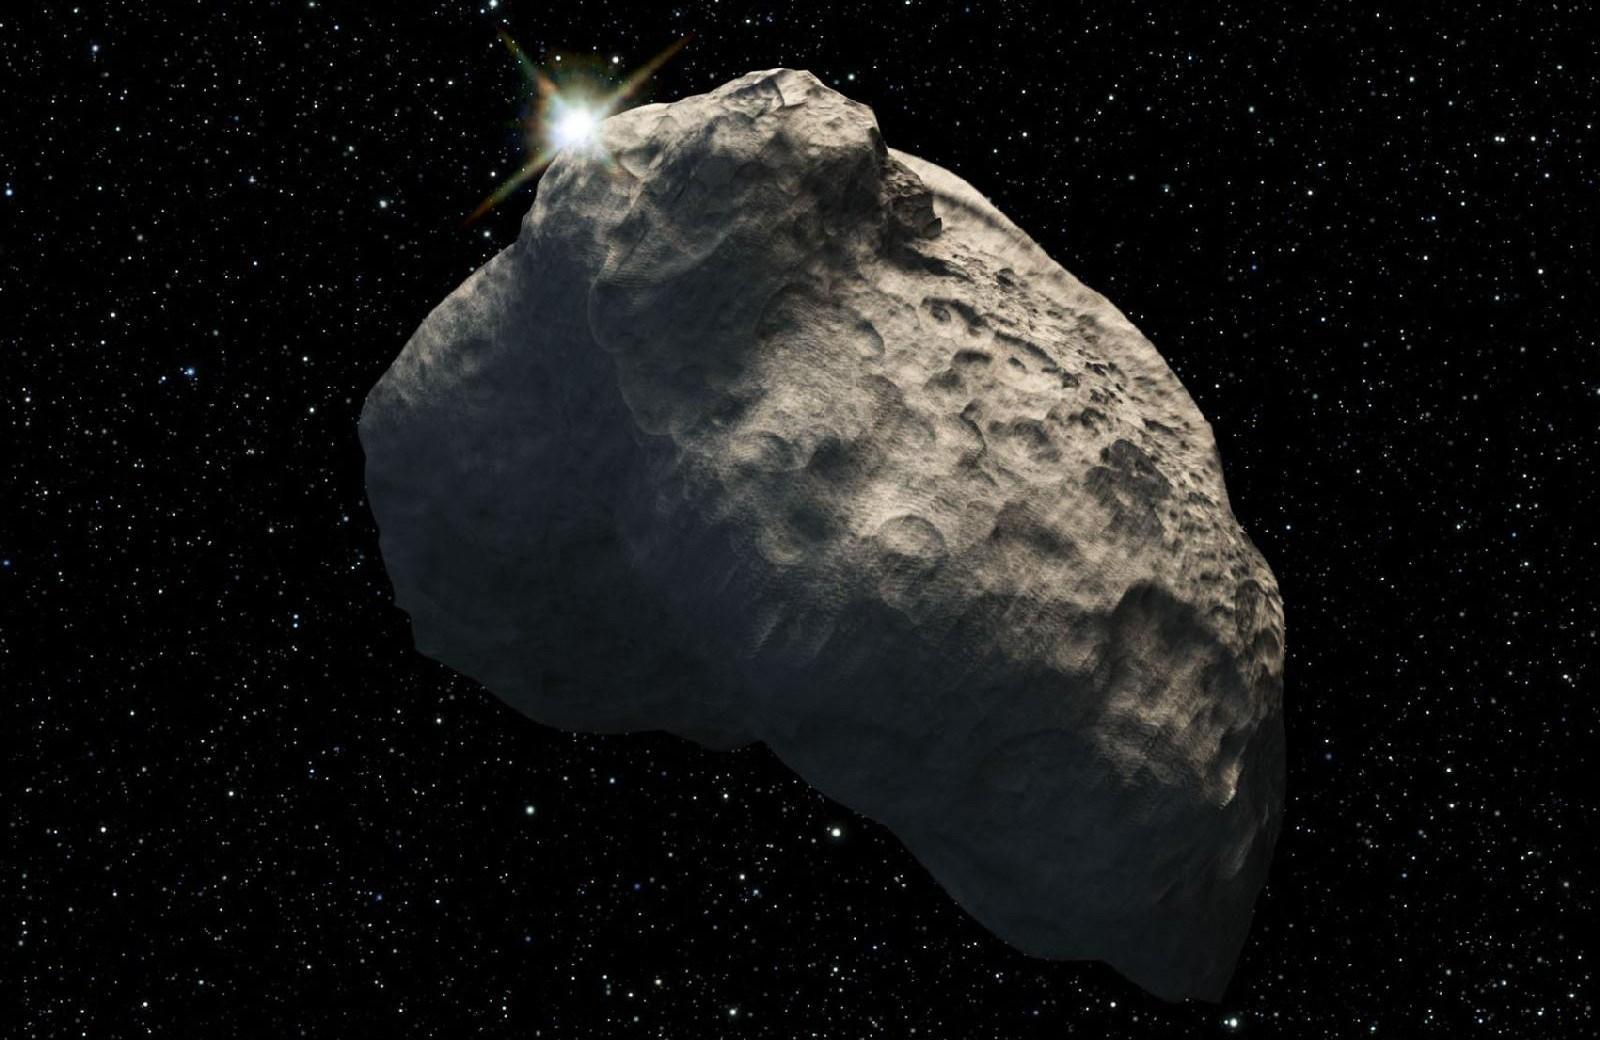 asteroid 2014 jo250 - 1024×666